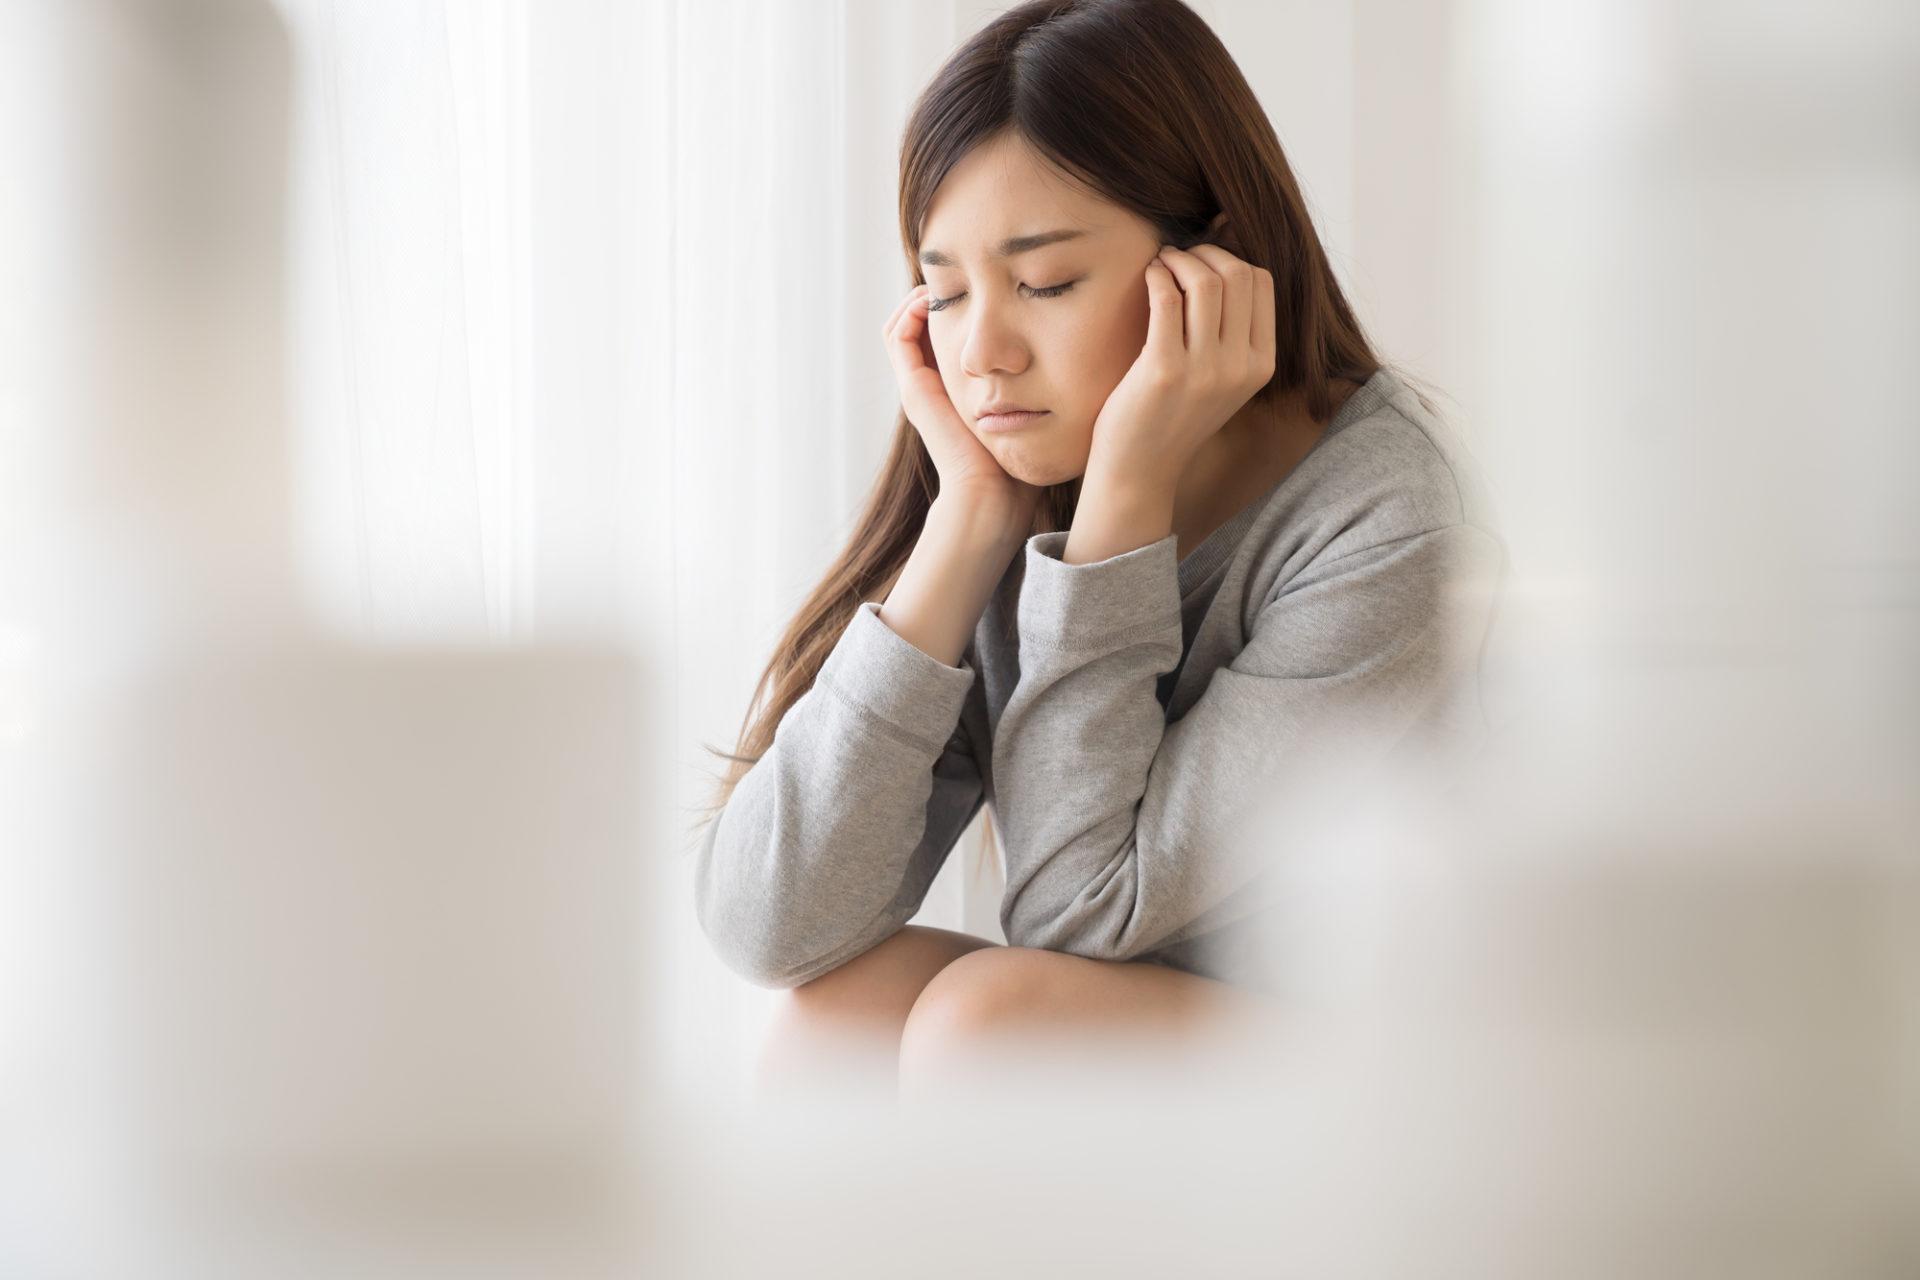 いろいろな積み重ねが、休職原因を引き起こす